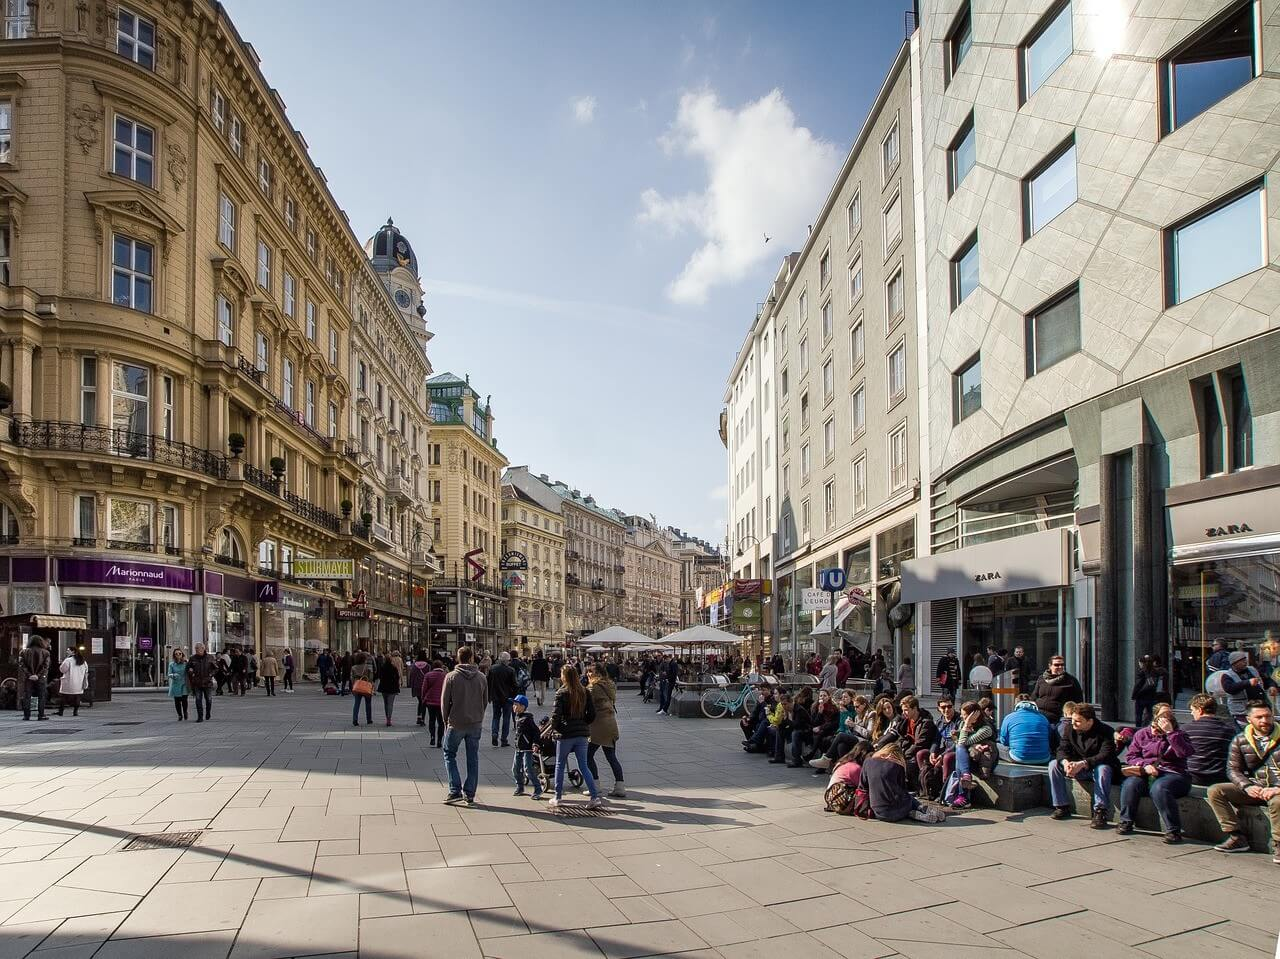 rue commerçante du centre de vienne